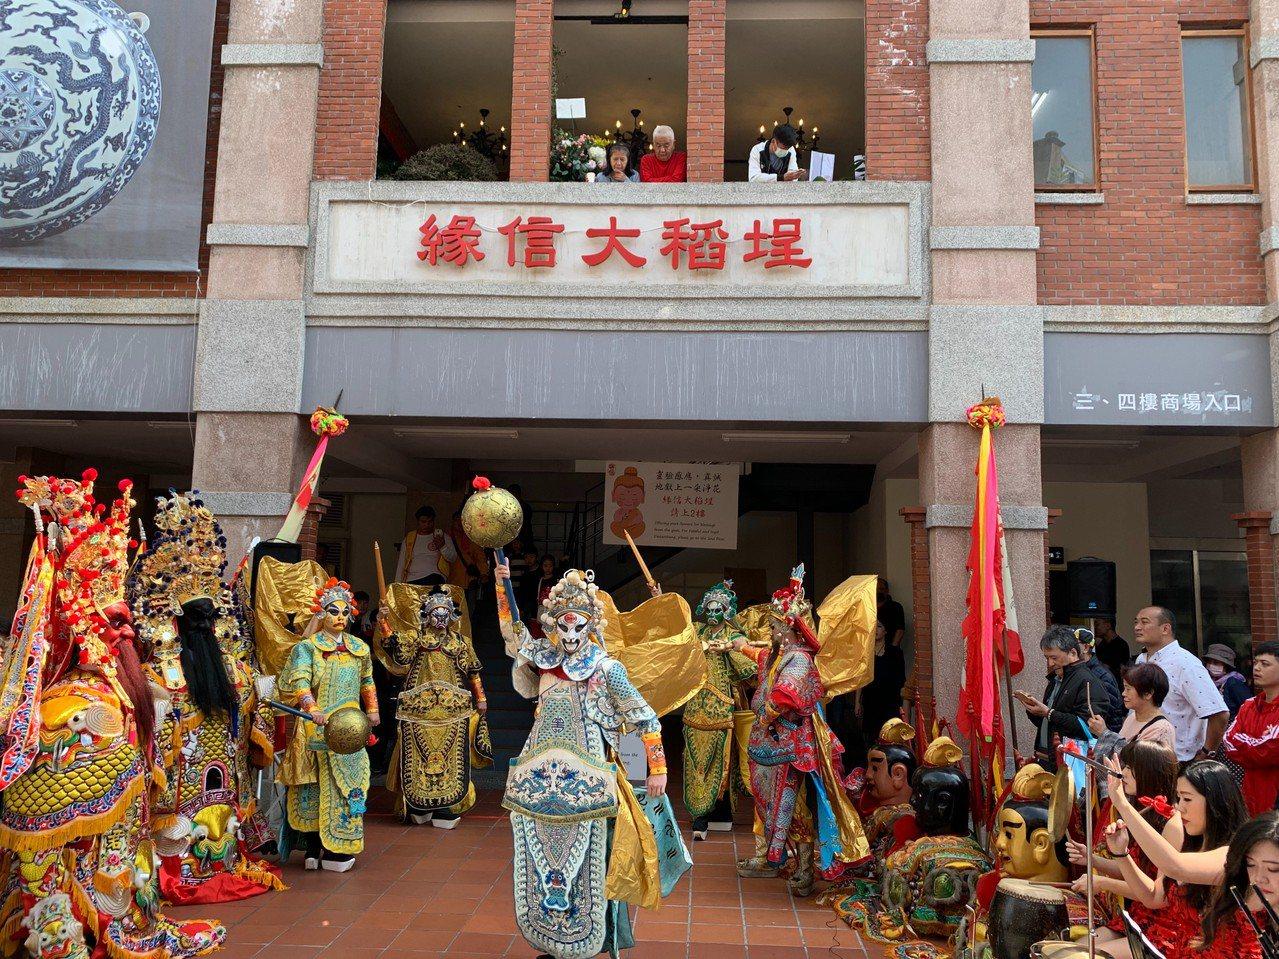 台北市大稻埕不少老屋活化後,讓人漸漸看到大稻埕傳統之美。 圖/曹麗蕙 攝影